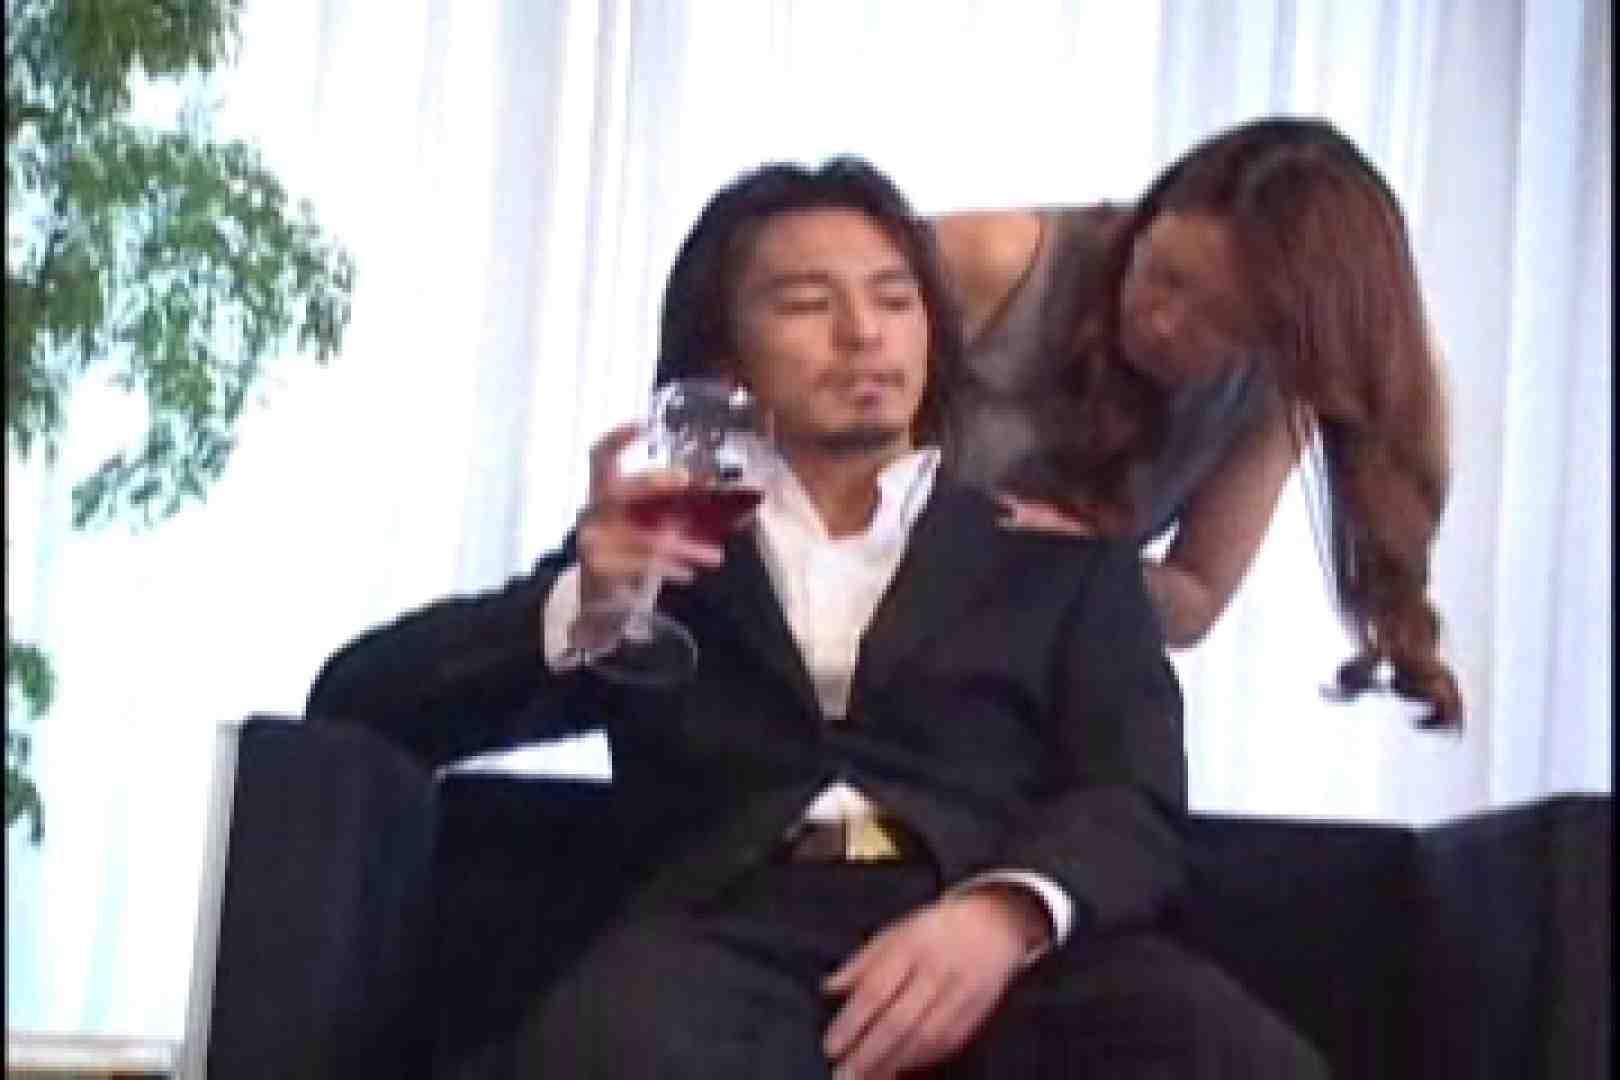 BEST OF イケメン!!男目線のガチSEX vol.06(対女性作品) 対女性   男祭り  78枚 1